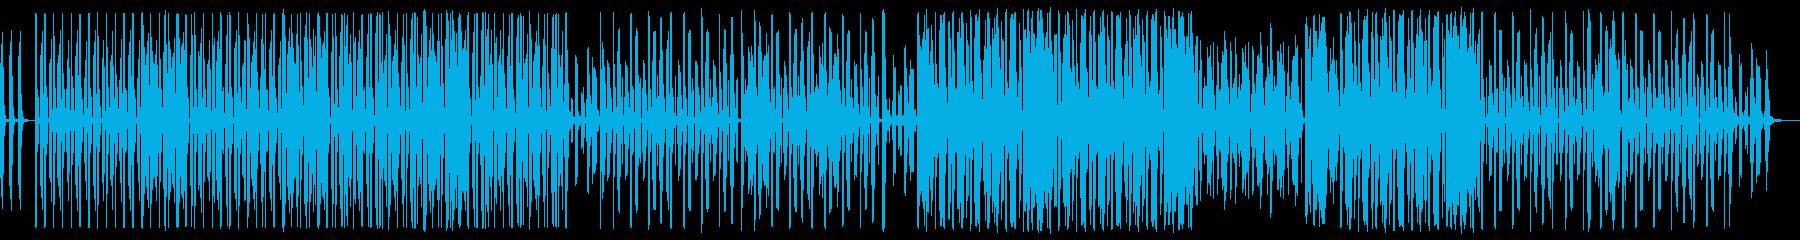 声だけで作られたビートの再生済みの波形